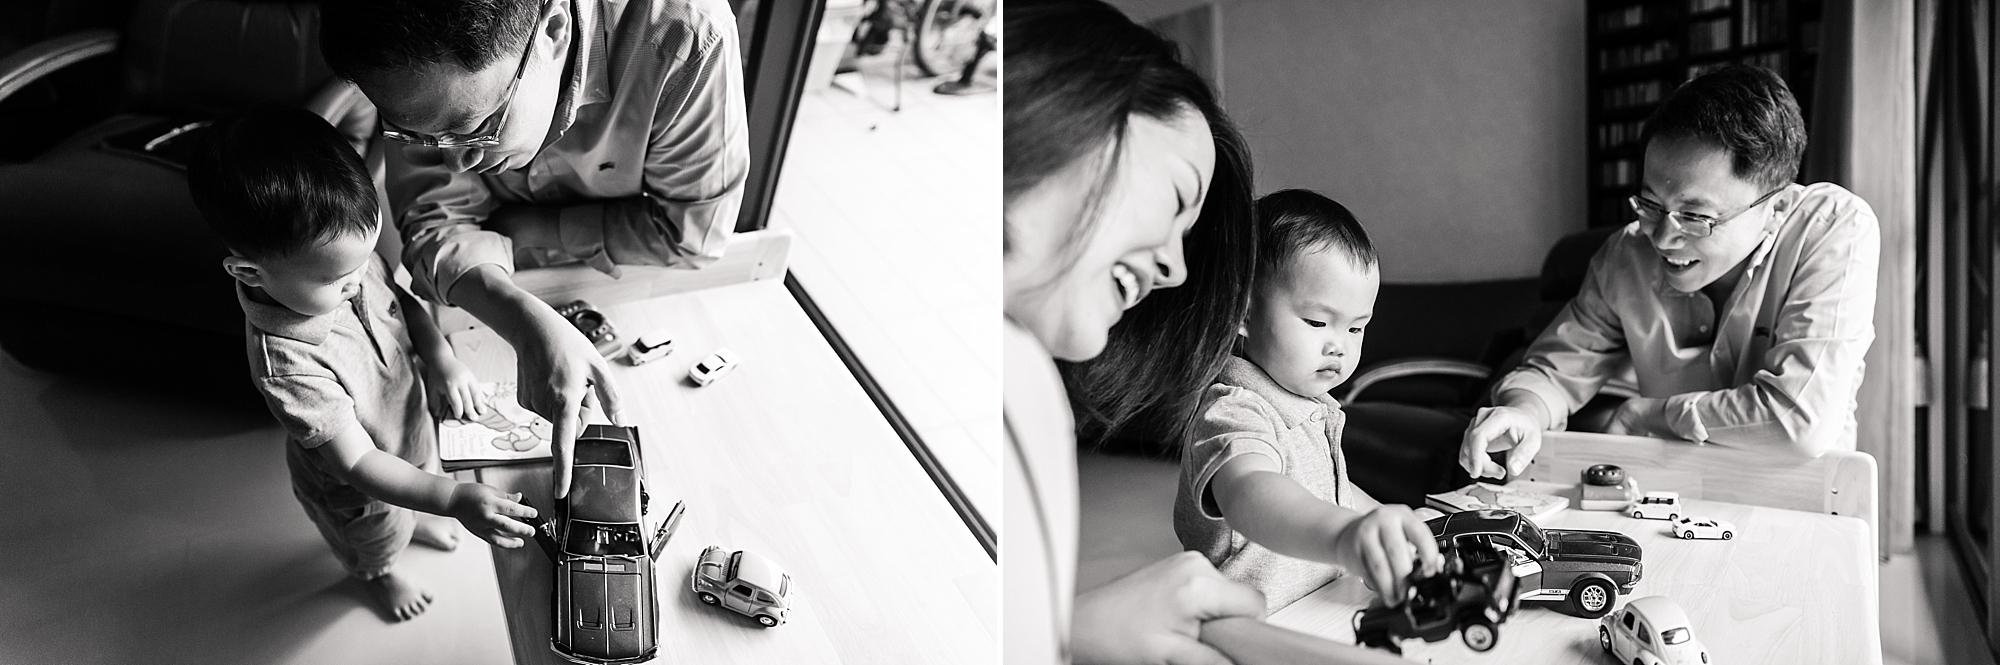 In_Home_Newborn_Family_Photos_Taiwan_Hunnicutt_Photography_0001